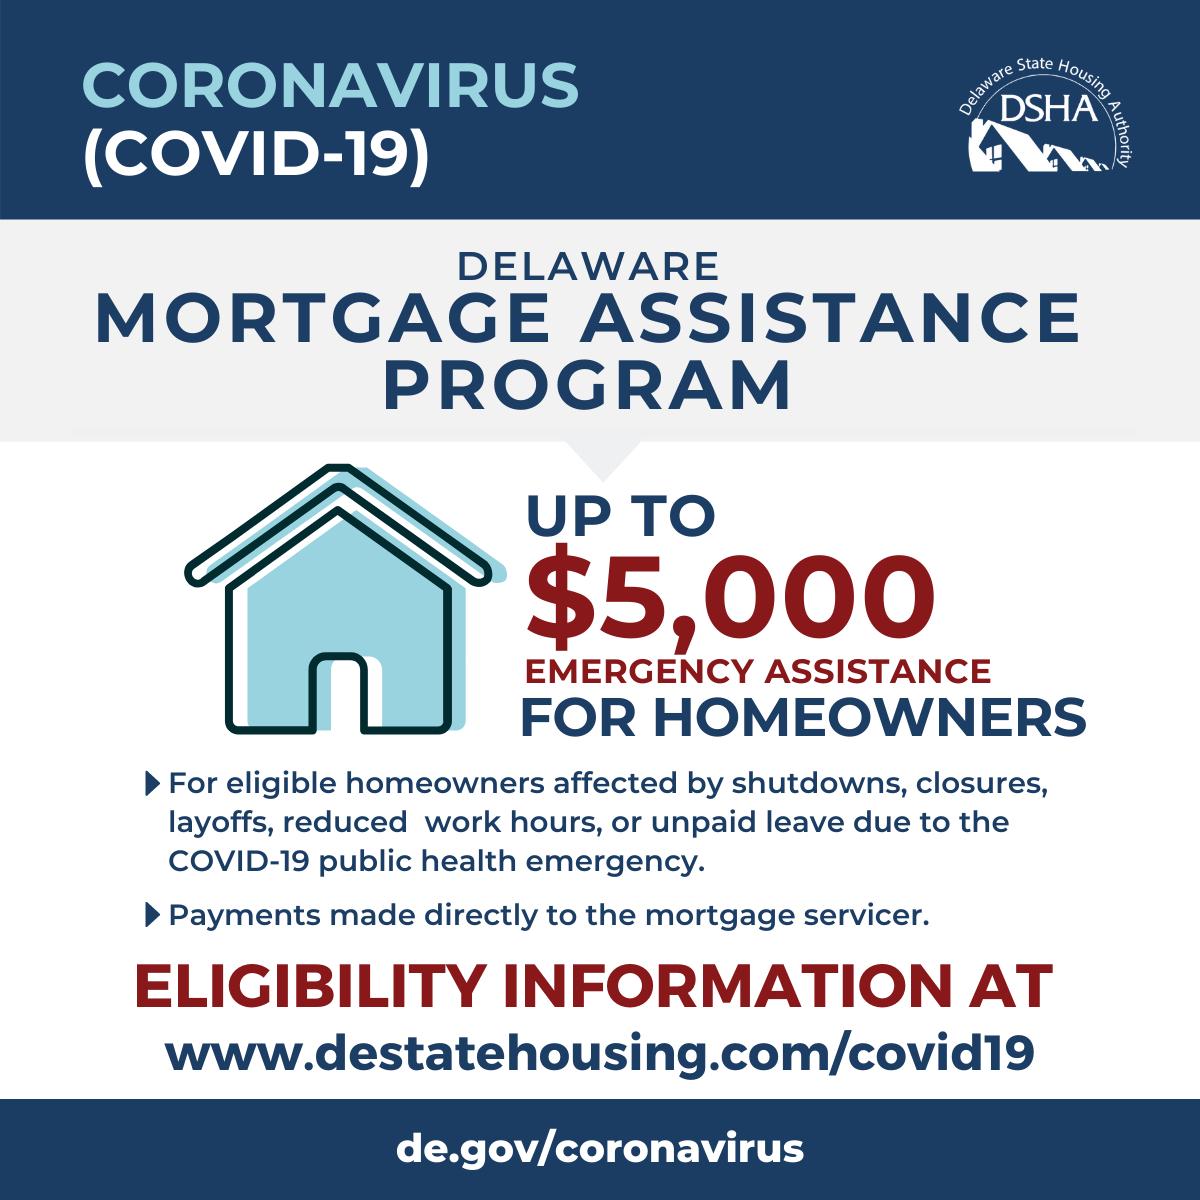 Delaware Emergency Mortgage Assistance Program